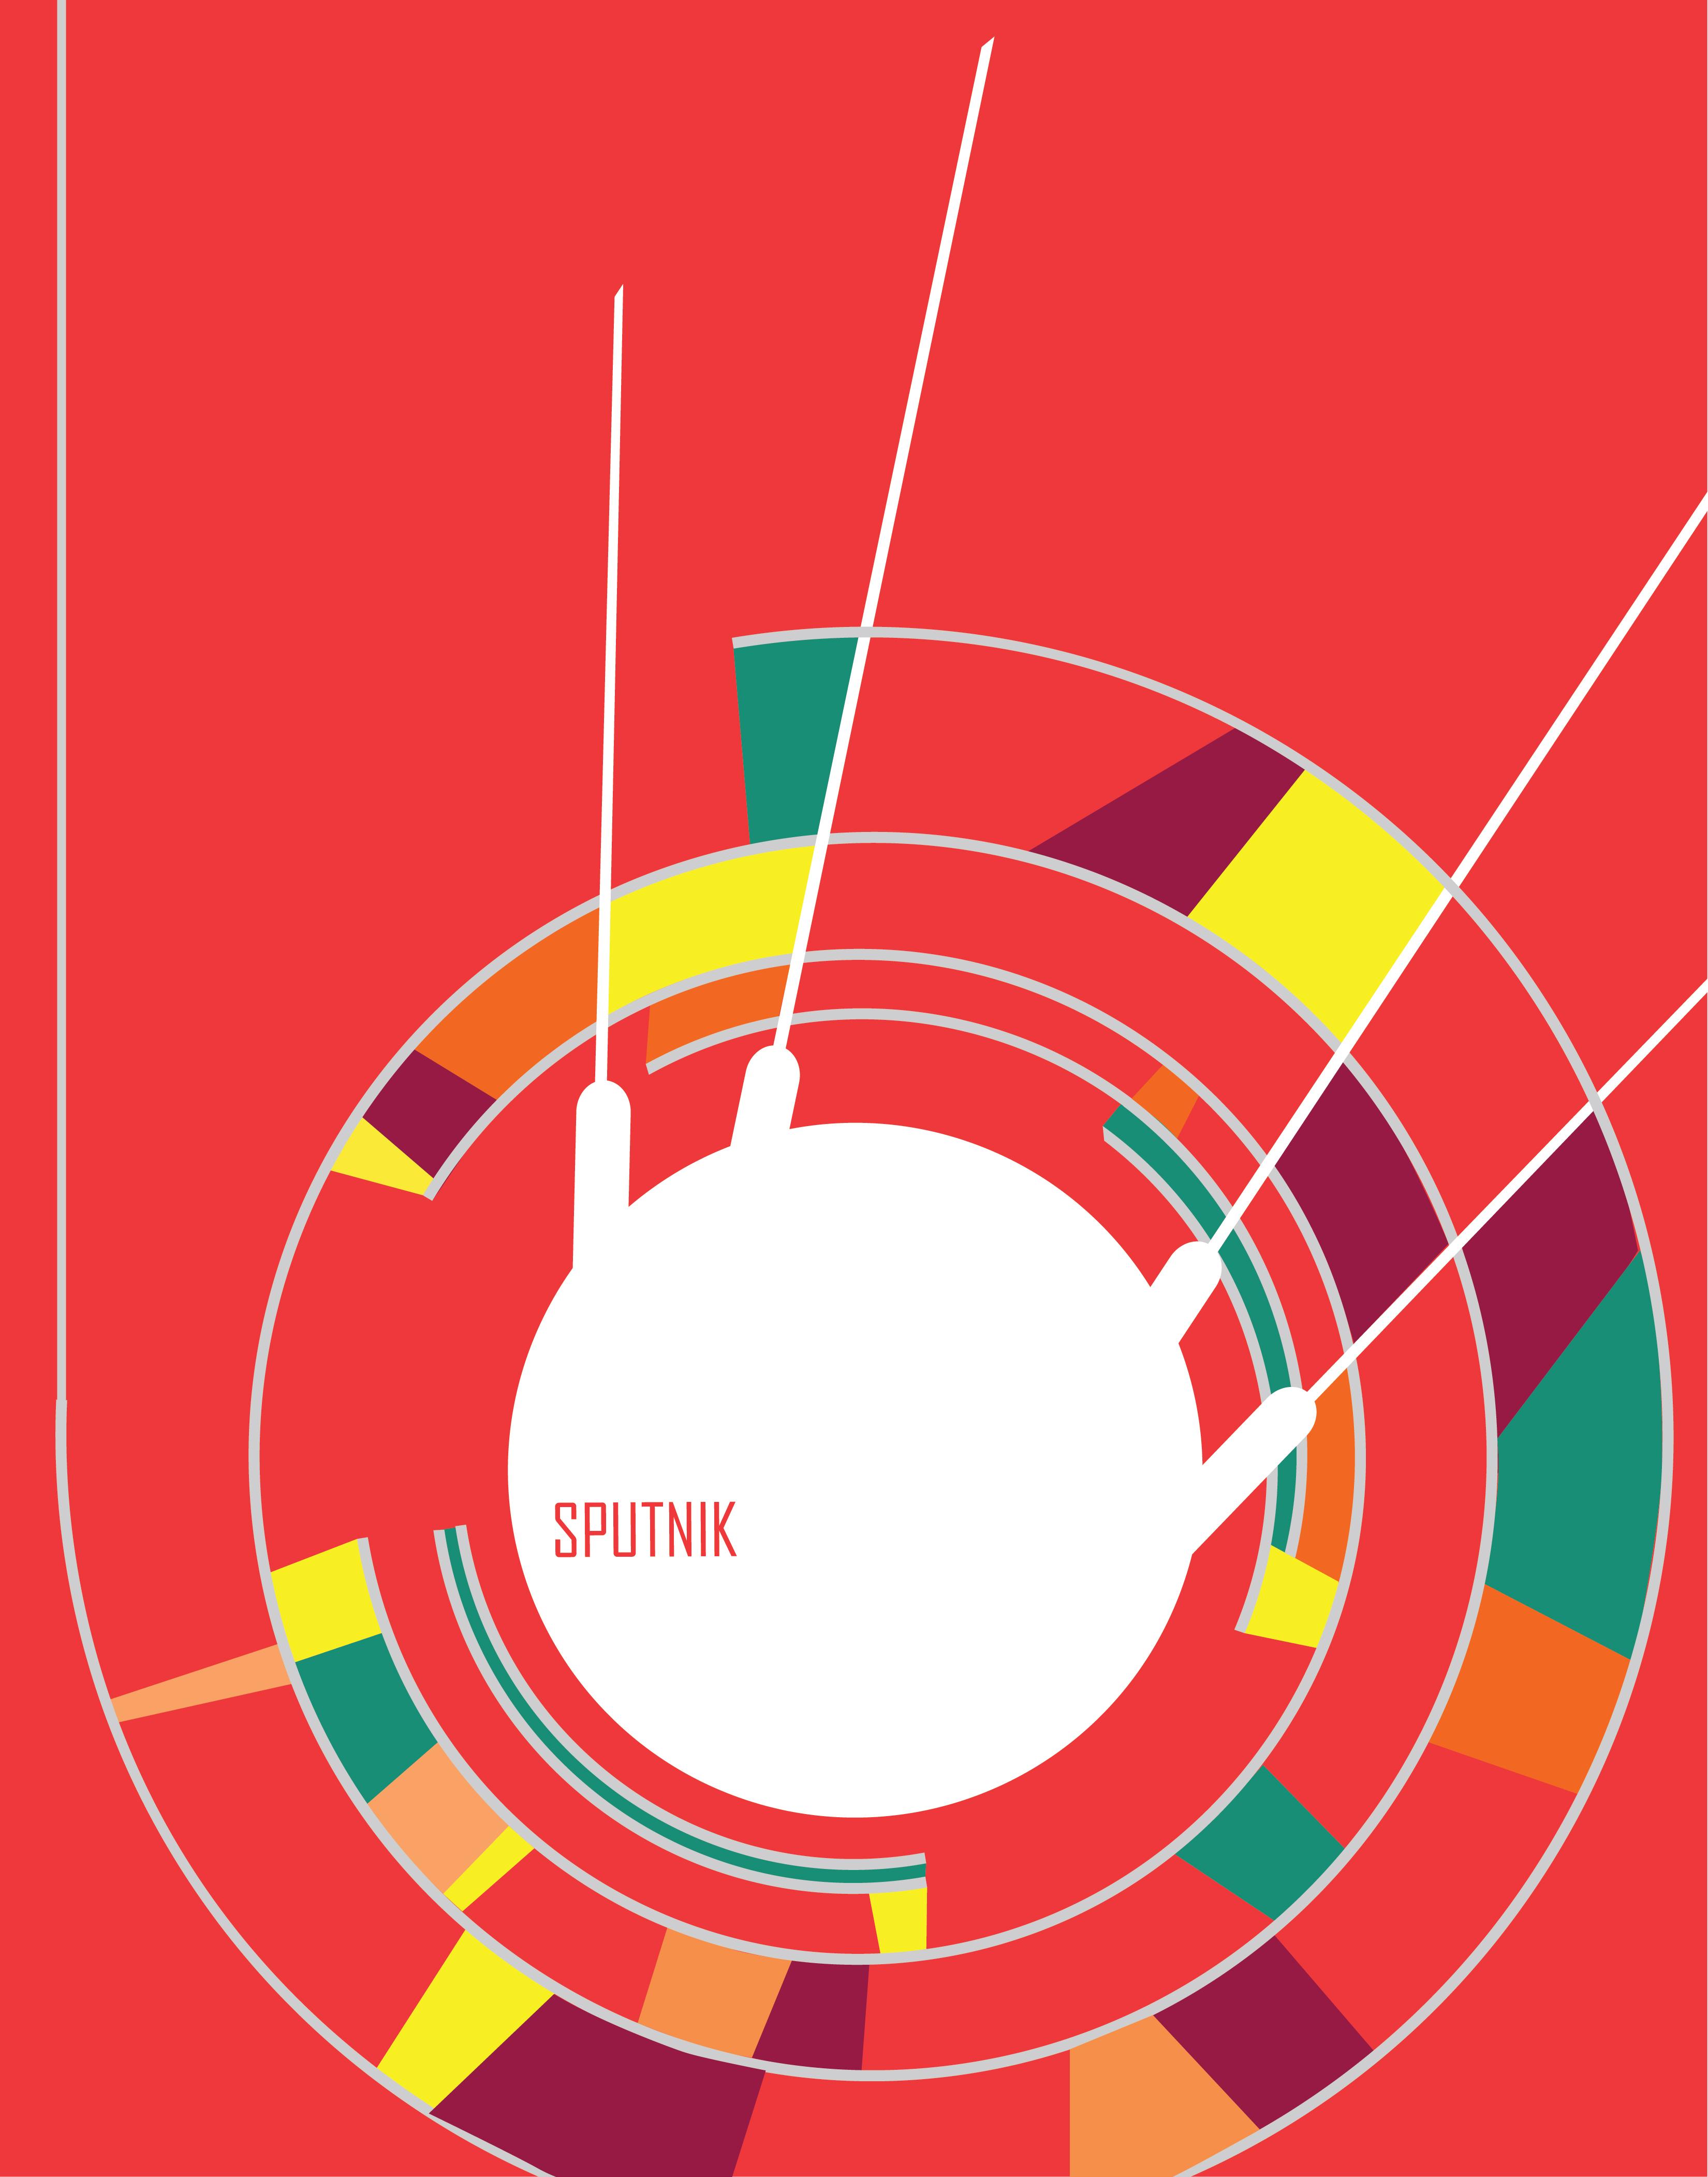 Sputnik_poster_final